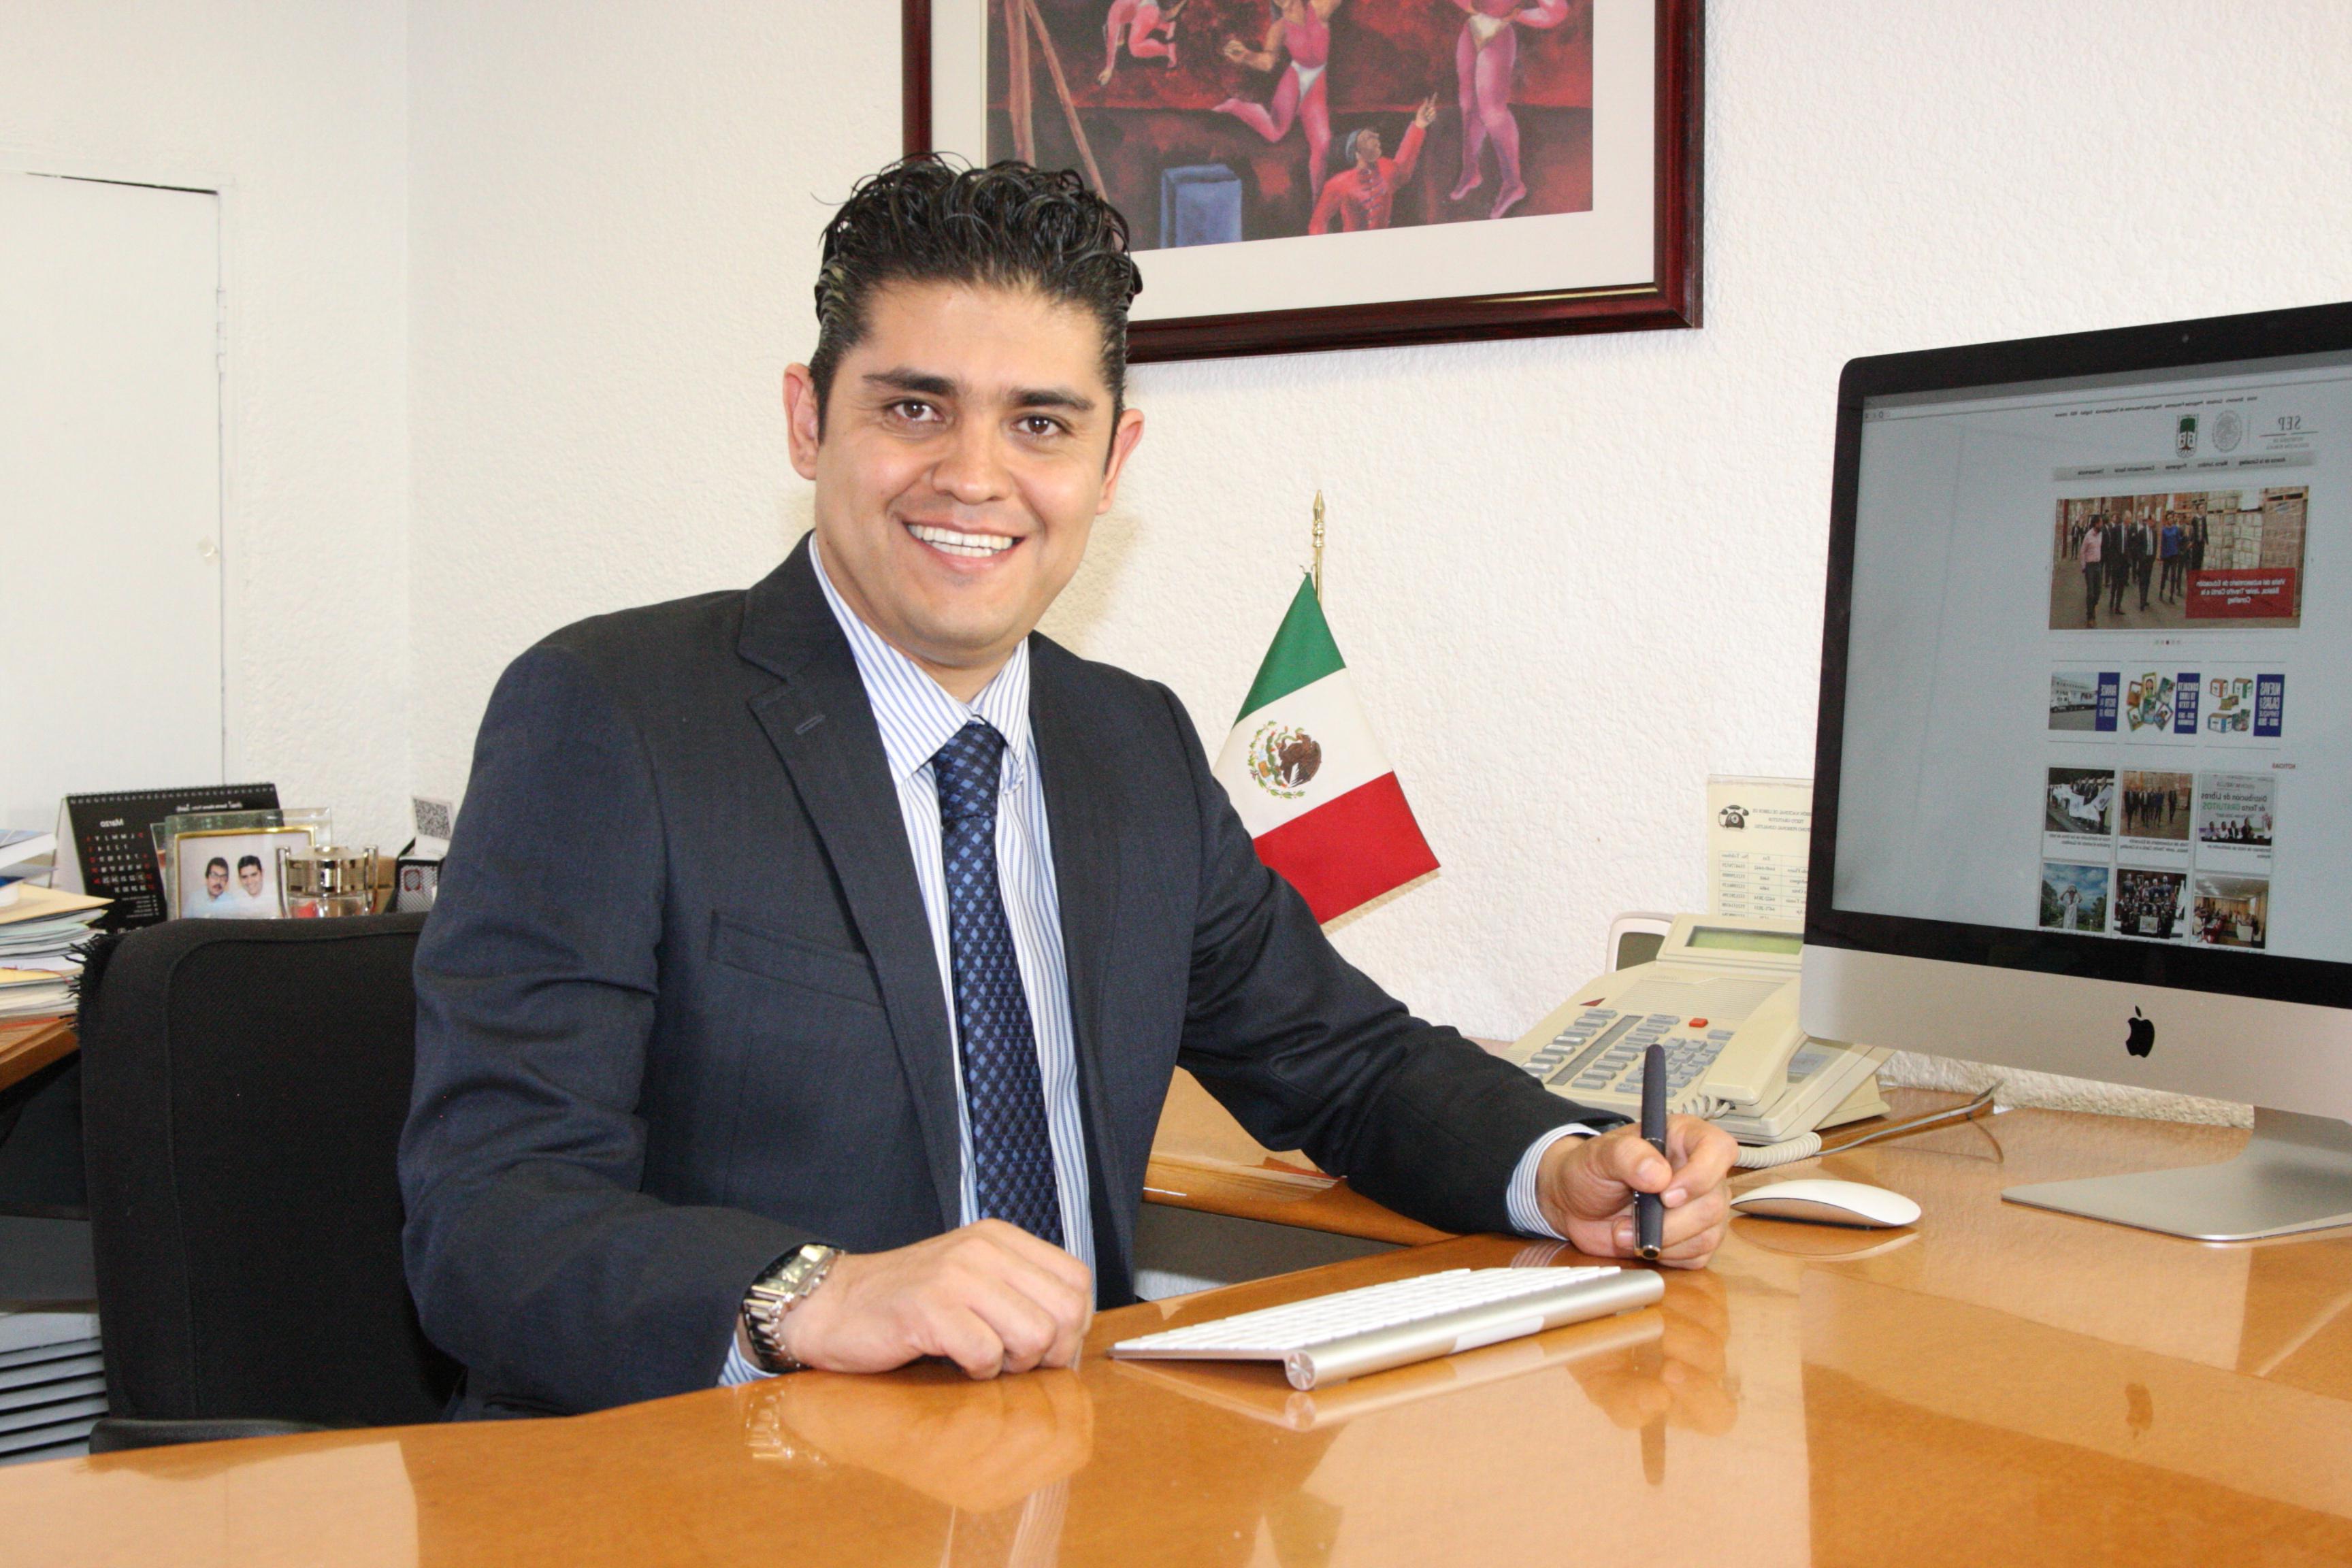 Titular de la Unidad de Informática. Leonardo Campos Pérez